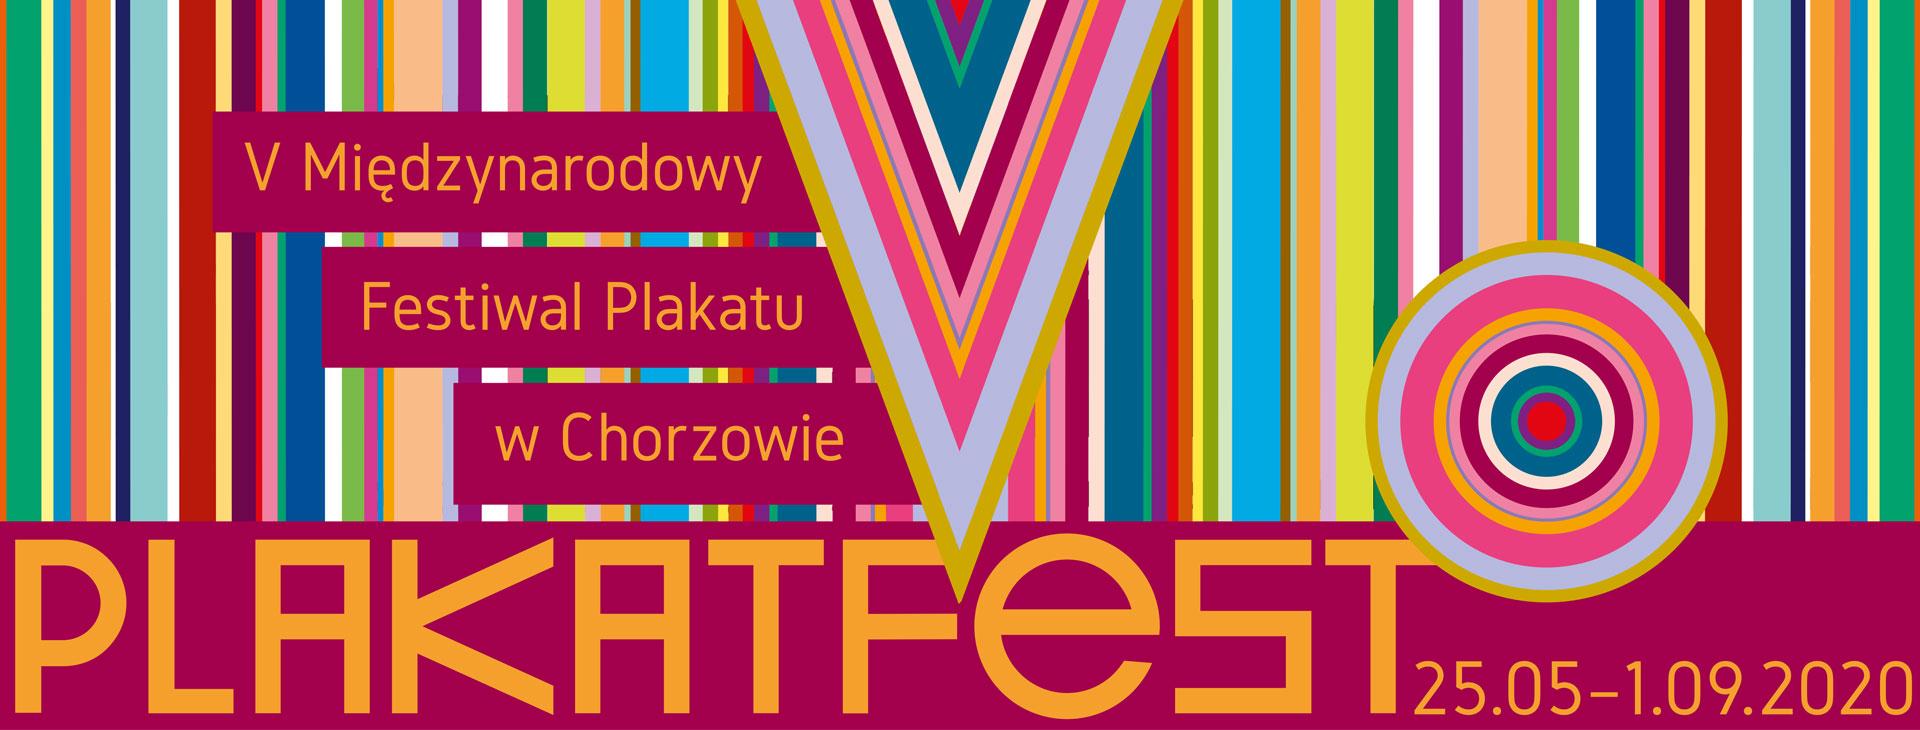 V Międzynarodowy Festiwal Plakatu w Chorzowie - PlakatFest 2020